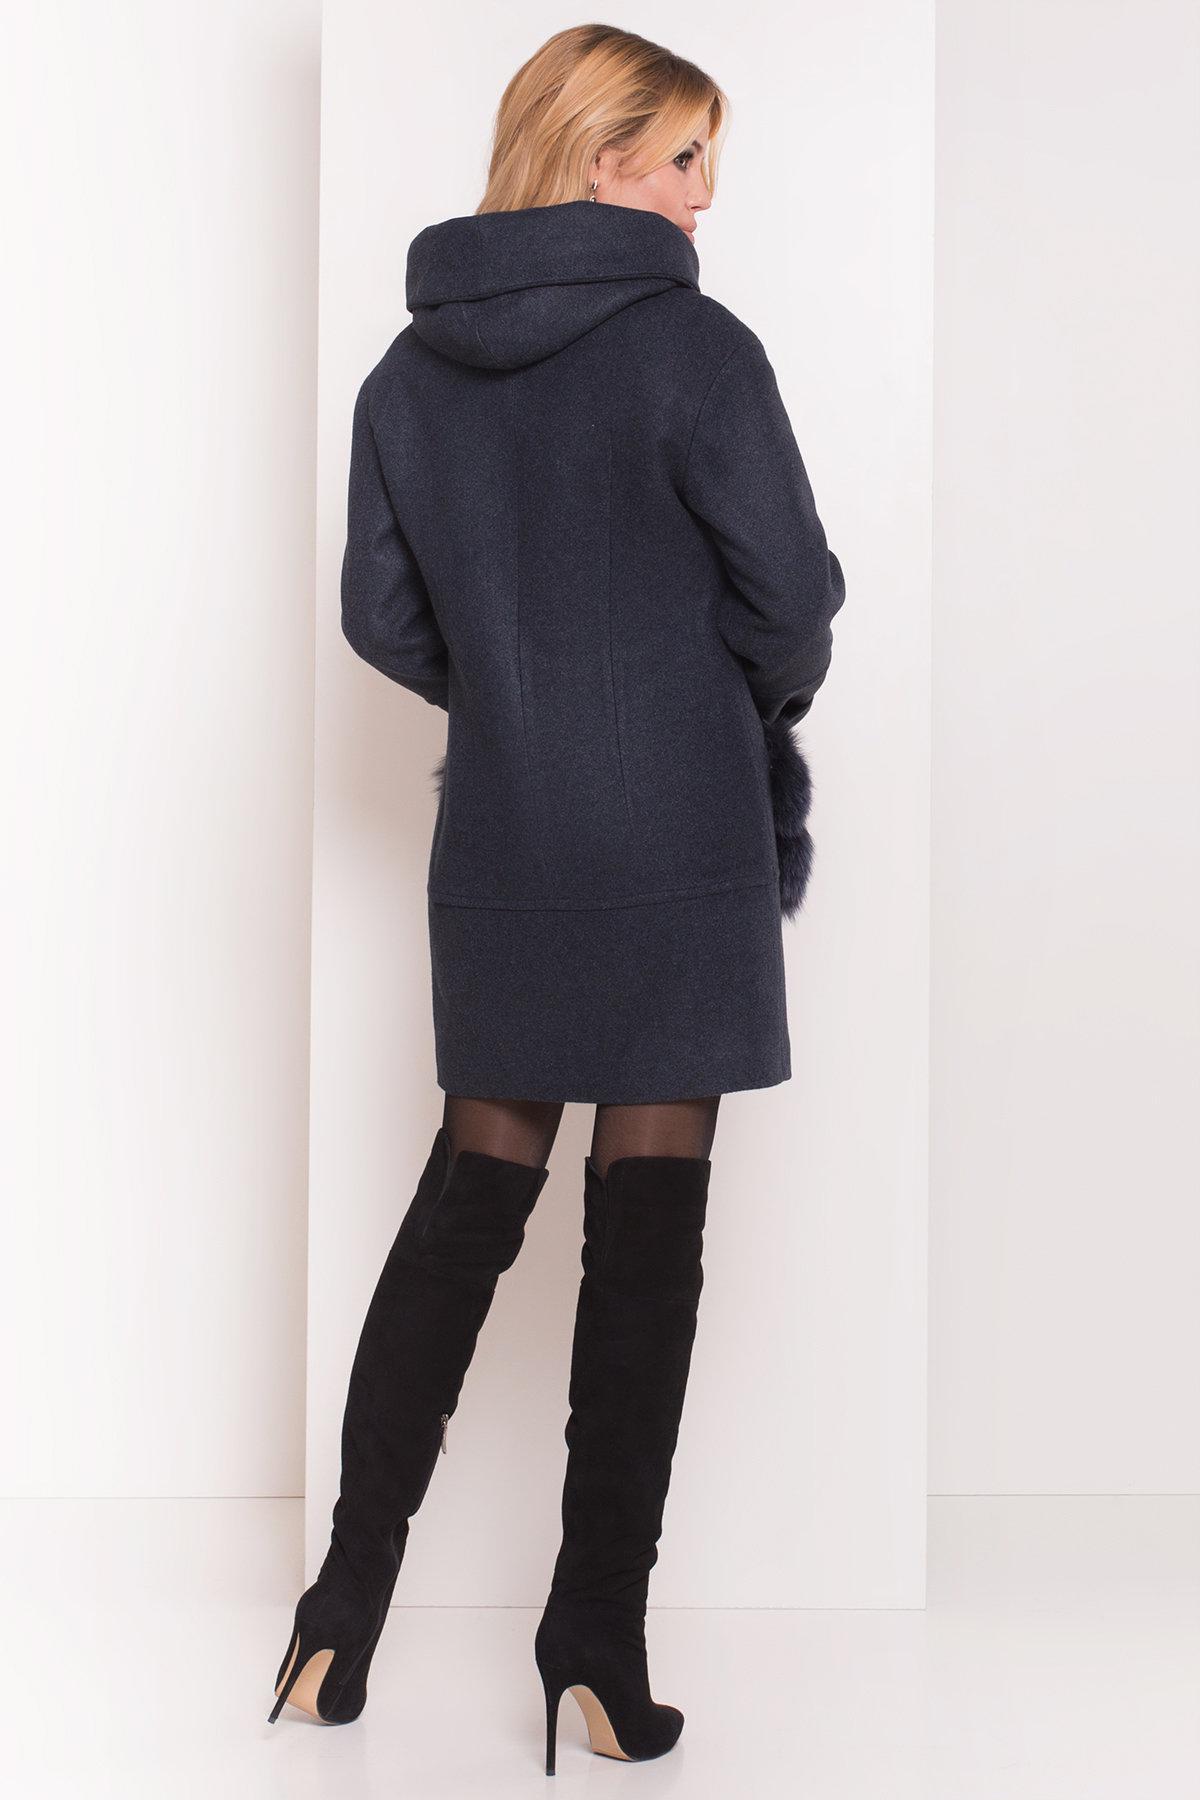 Пальто зима Анита 5752 АРТ. 38091 Цвет: Синий/Зеленый 72 - фото 2, интернет магазин tm-modus.ru